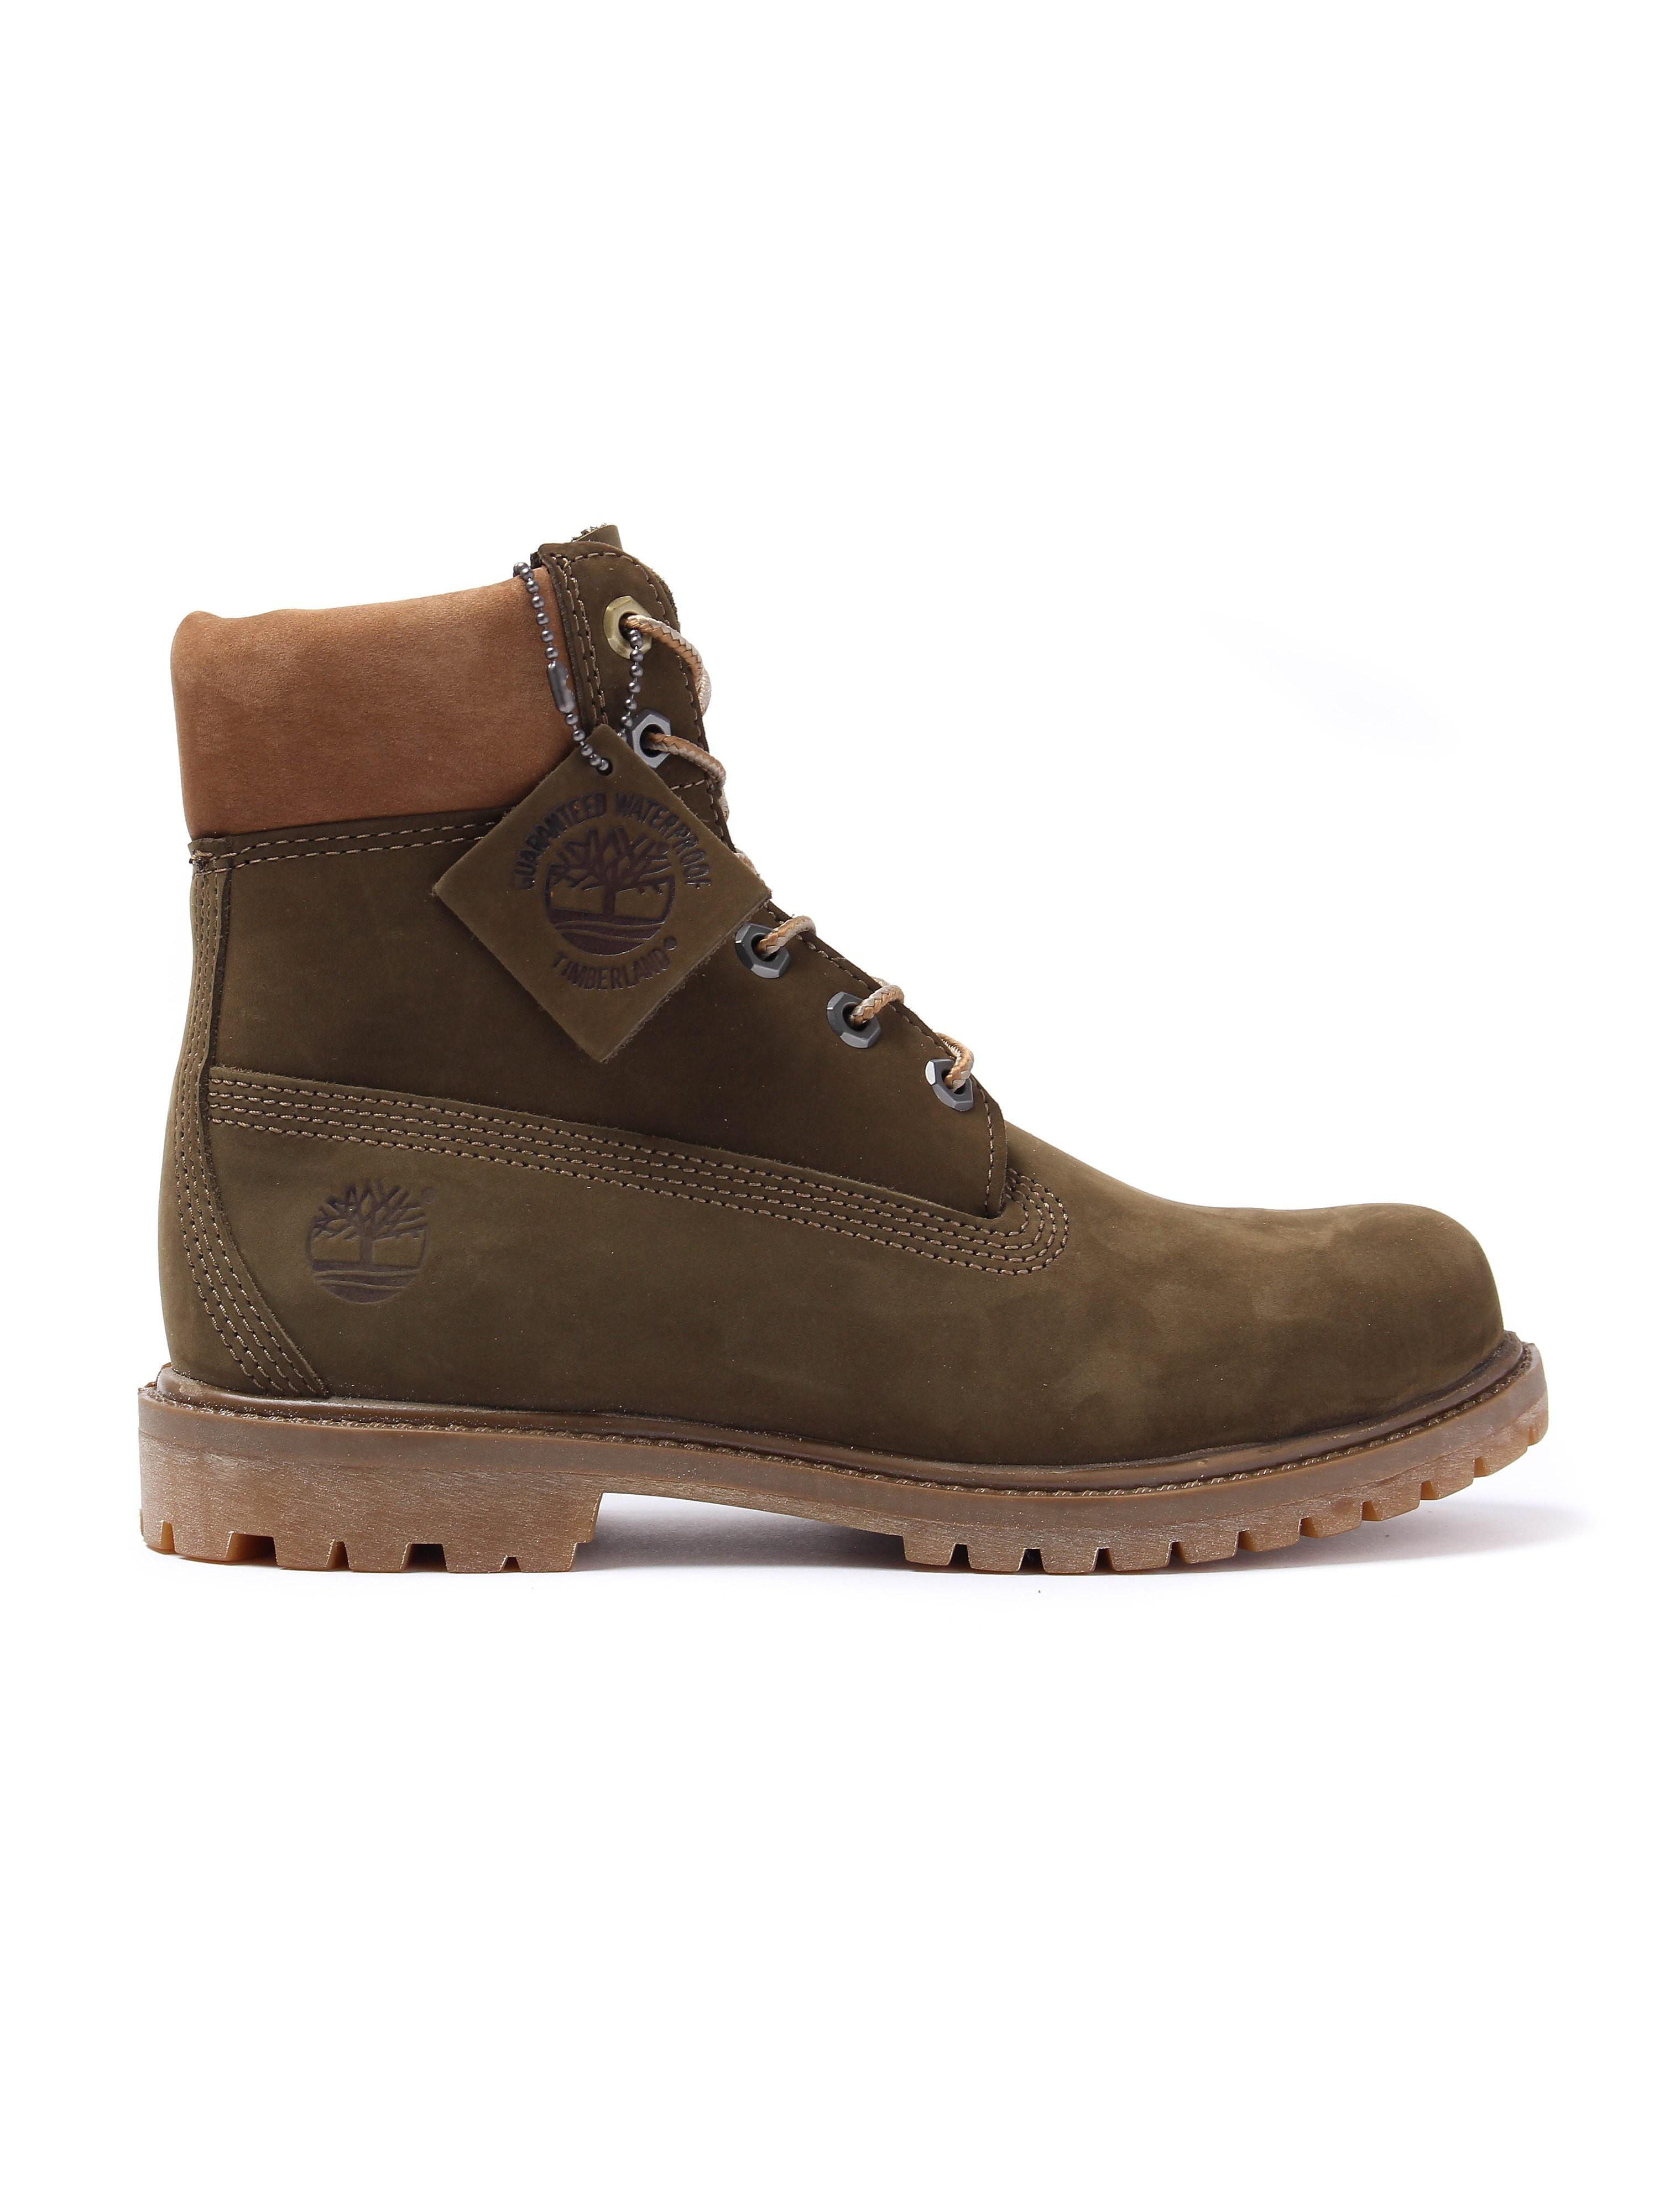 Timberland 6 Inch Premium Boot - Womens - Dark